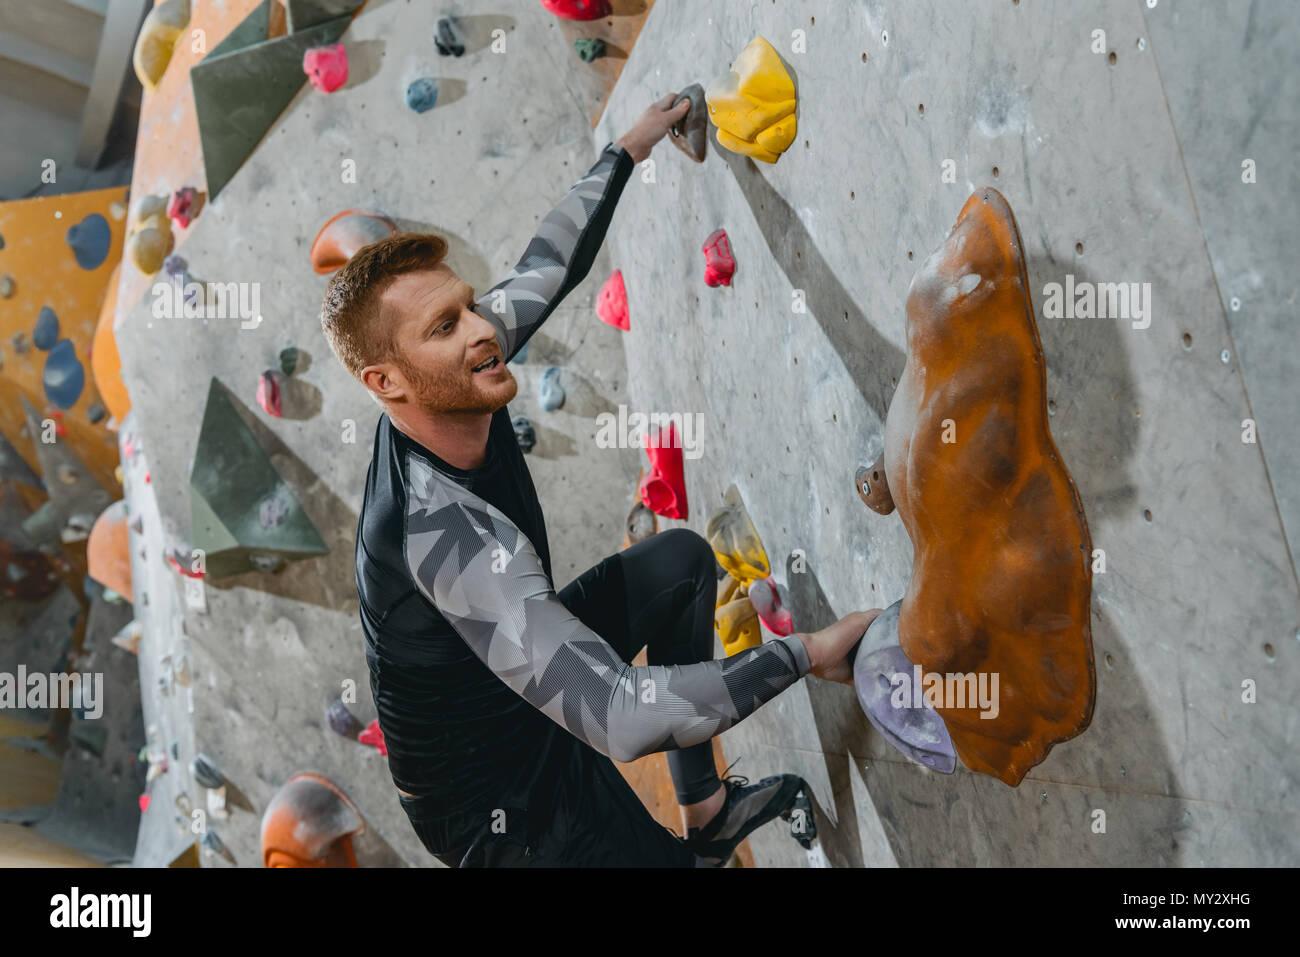 Joven de vestimenta deportiva escalar una pared con mangos en gimnasio Imagen De Stock